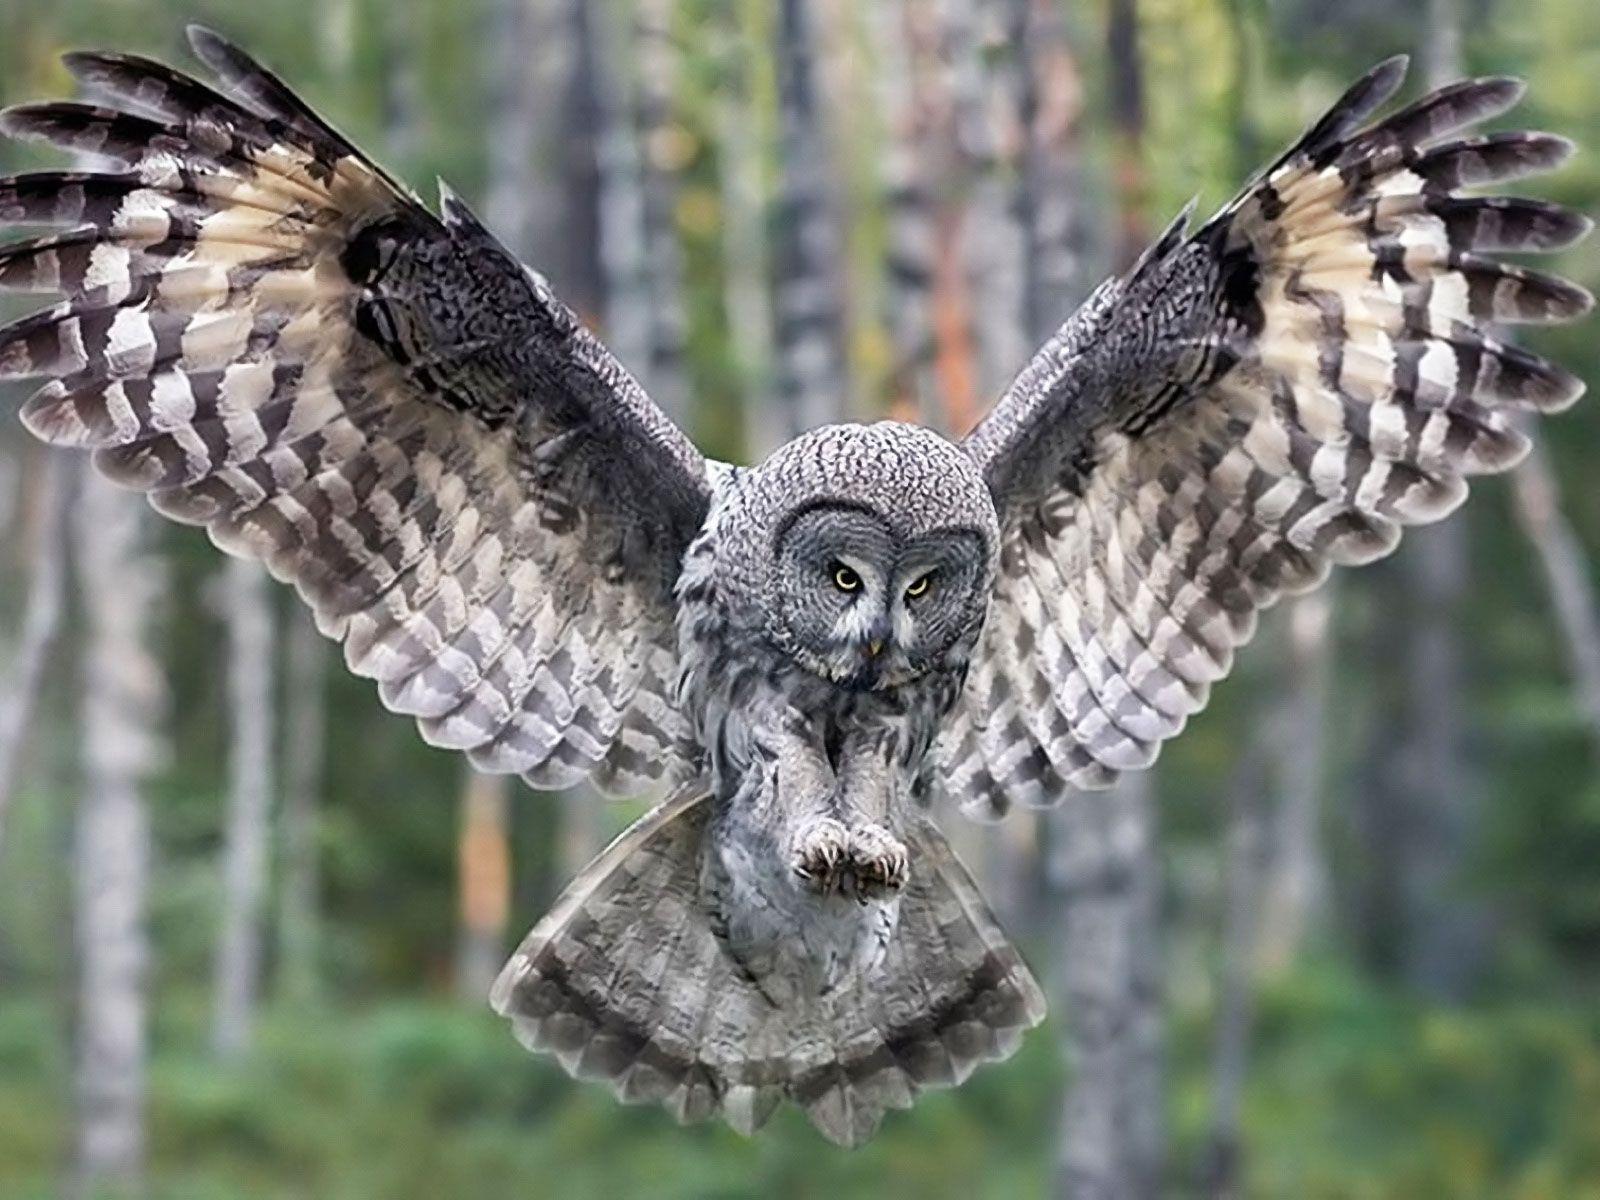 Owl In Flight Forest Wallpaper 1600x1200